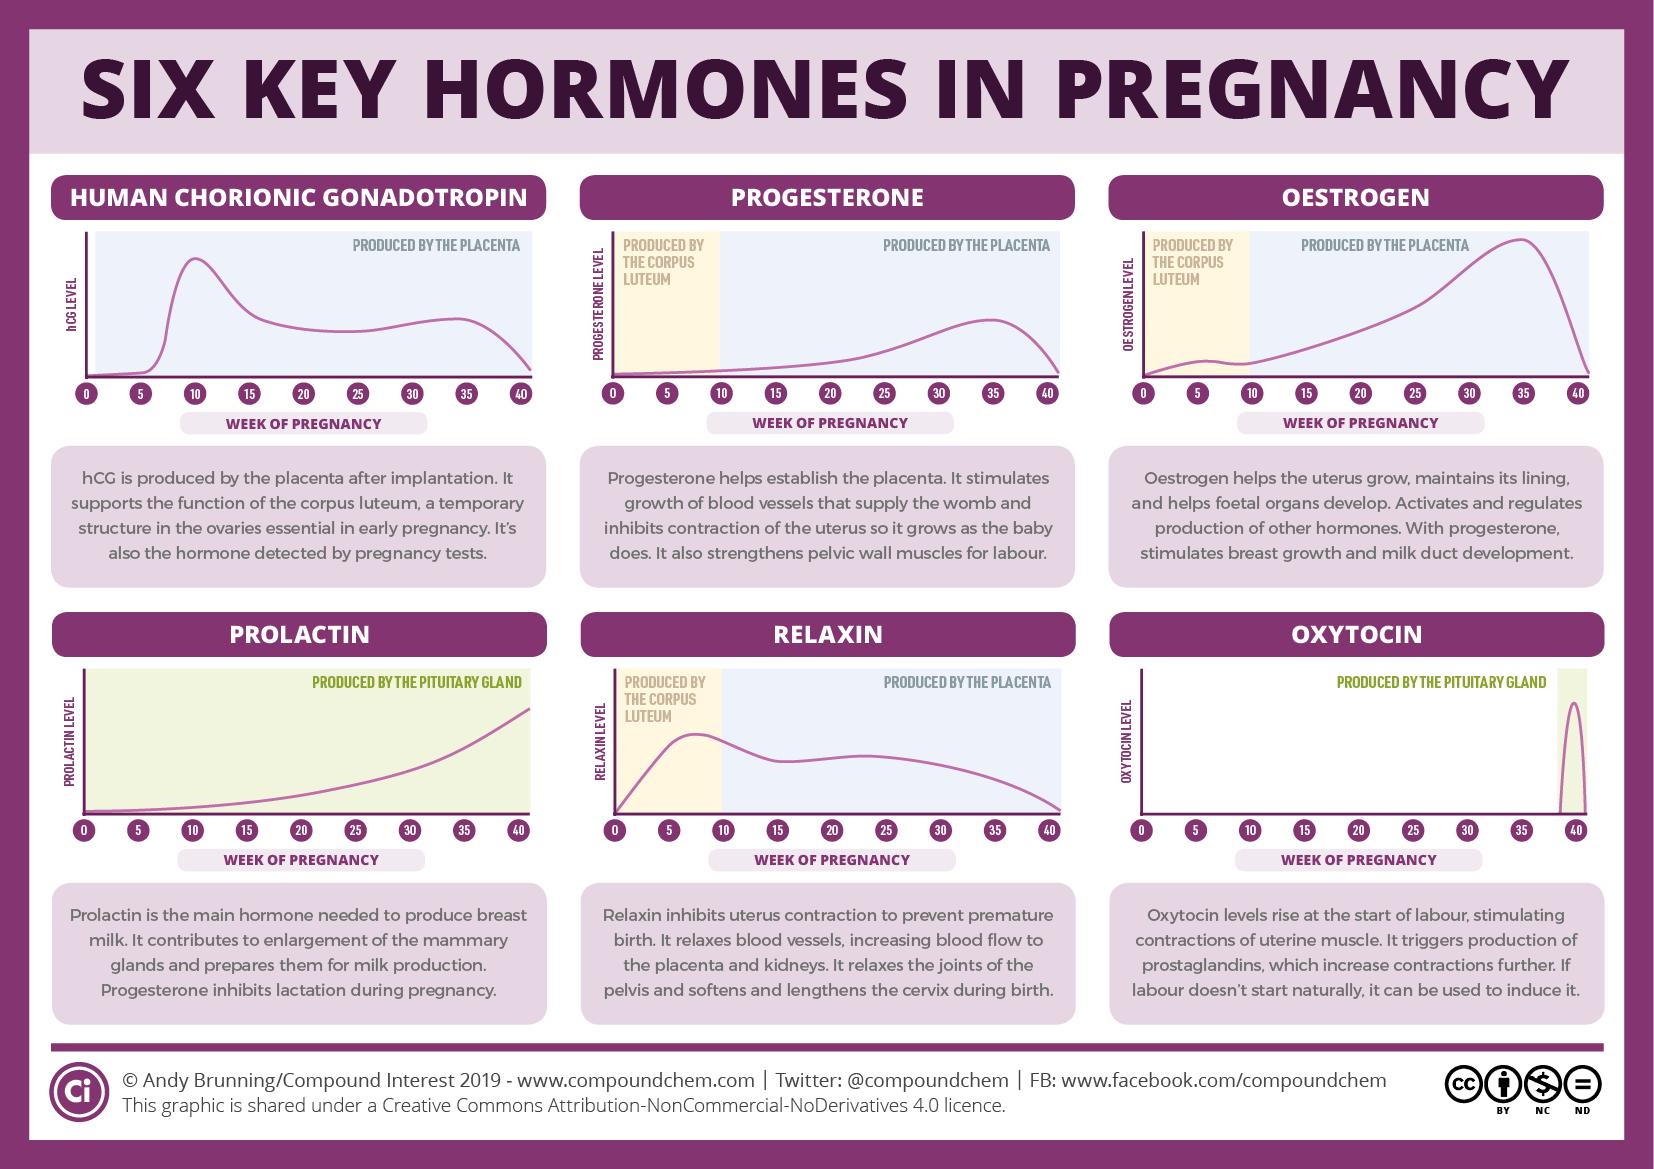 Ключевые гормоны беременности